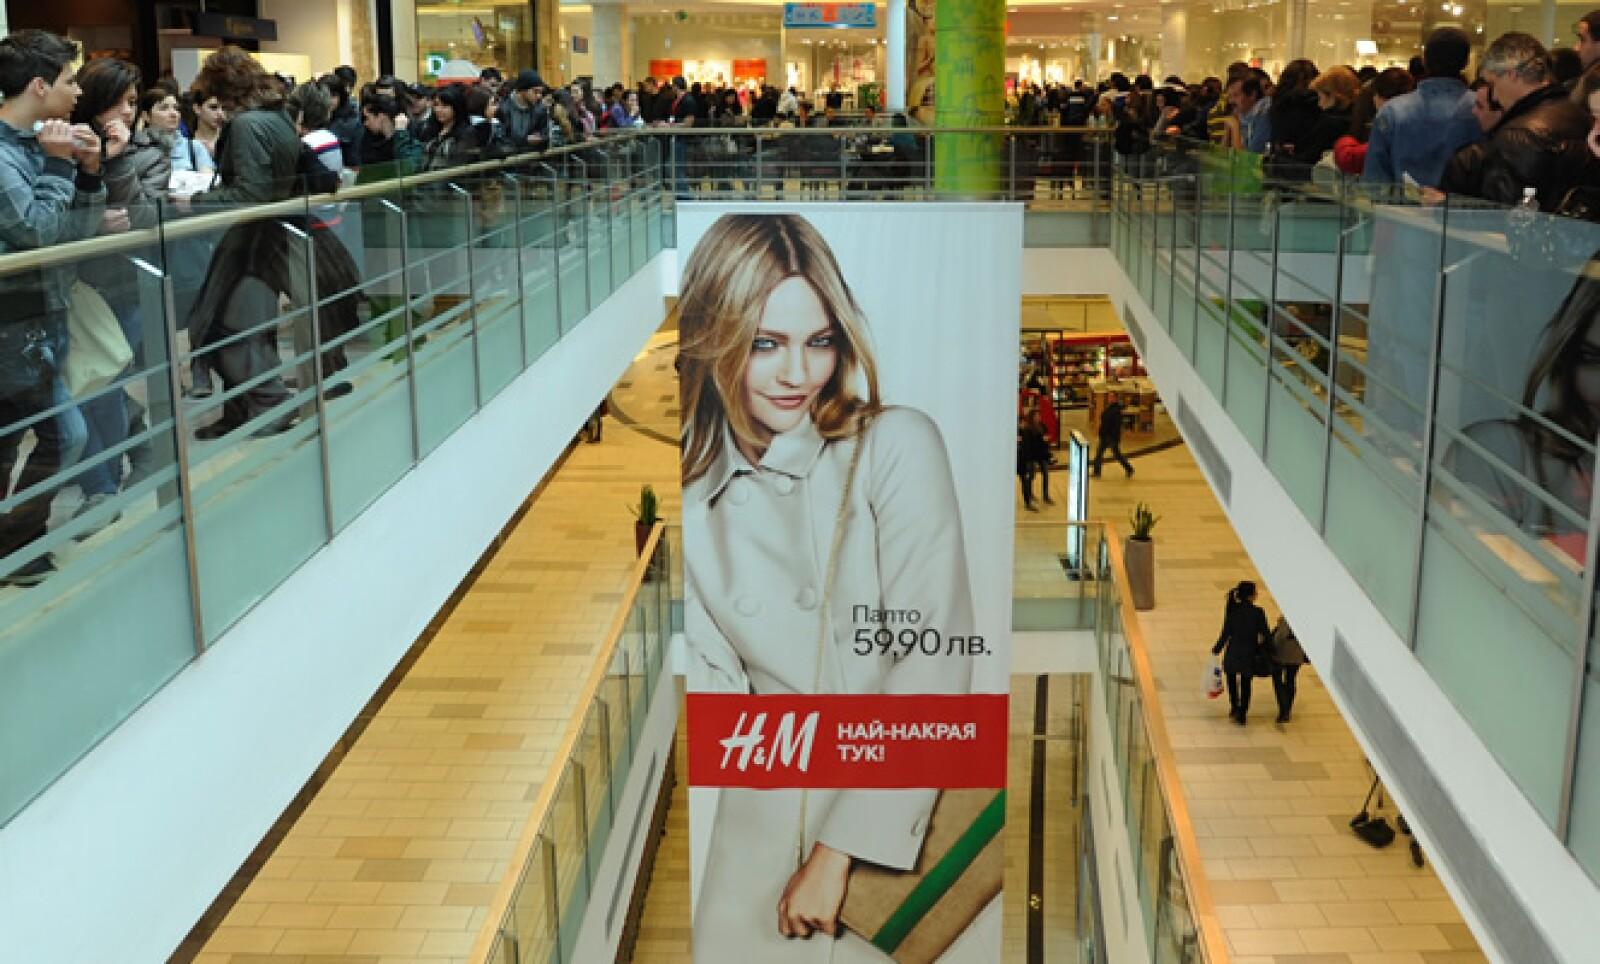 La firma abrió su primera tienda el país europeo, específicamente en su capital Sofía, durante la primera semana de marzo.